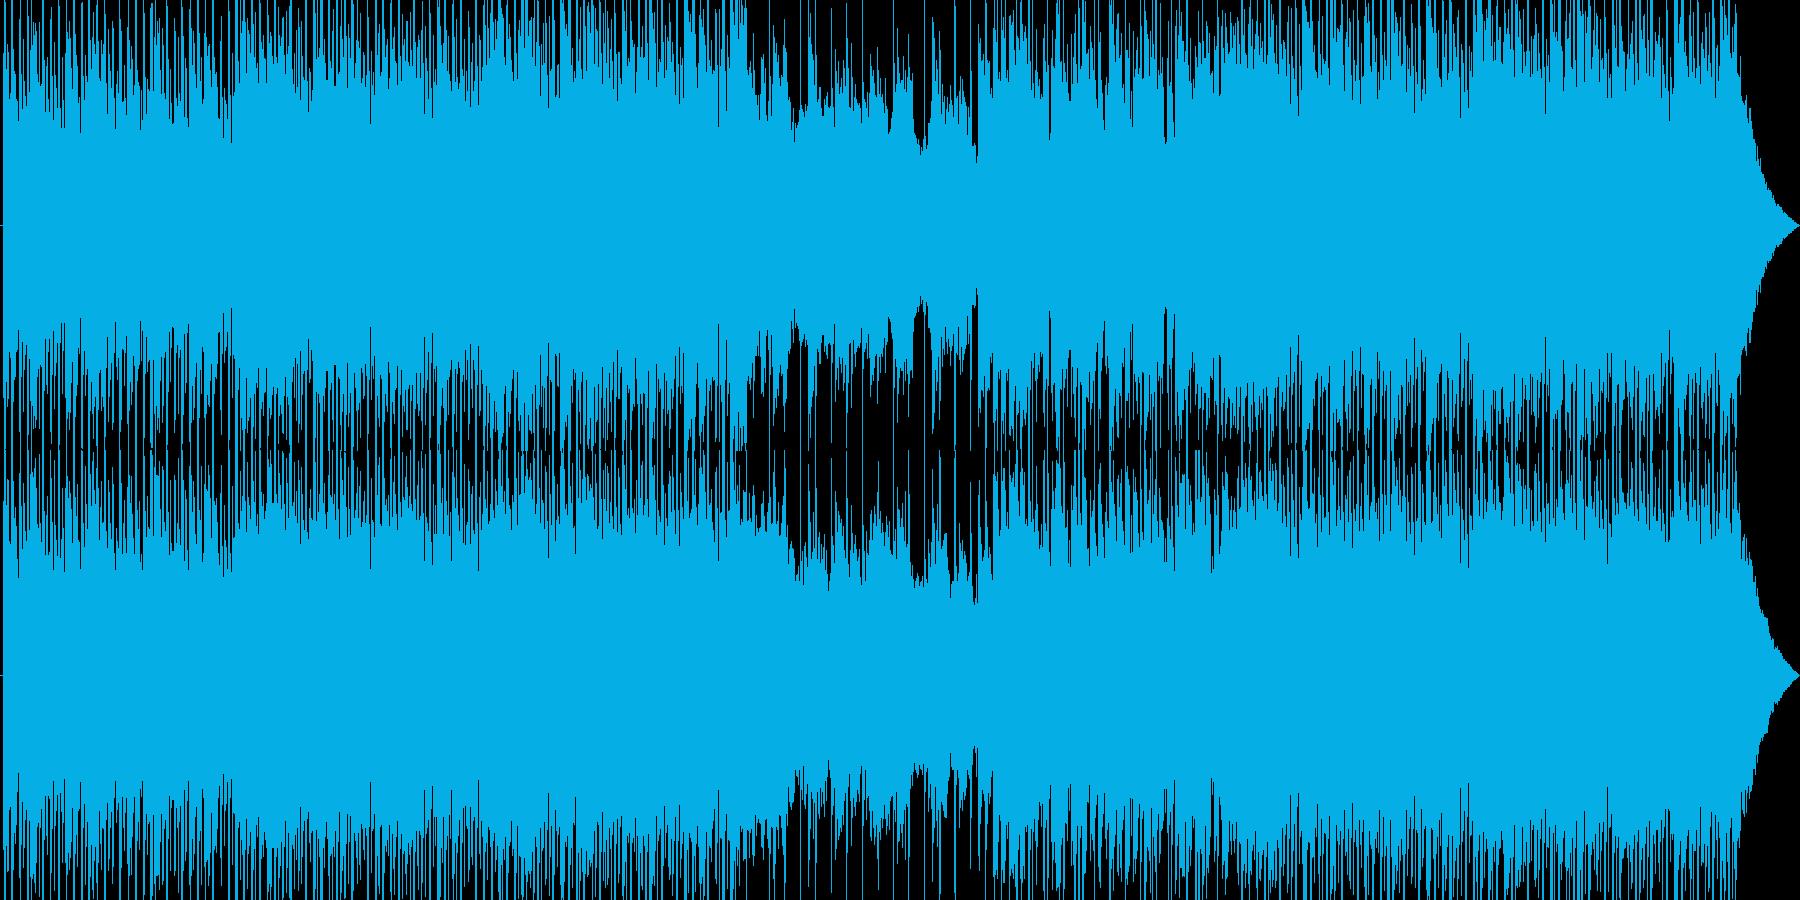 エネルギッシュなダンスミュージックの再生済みの波形